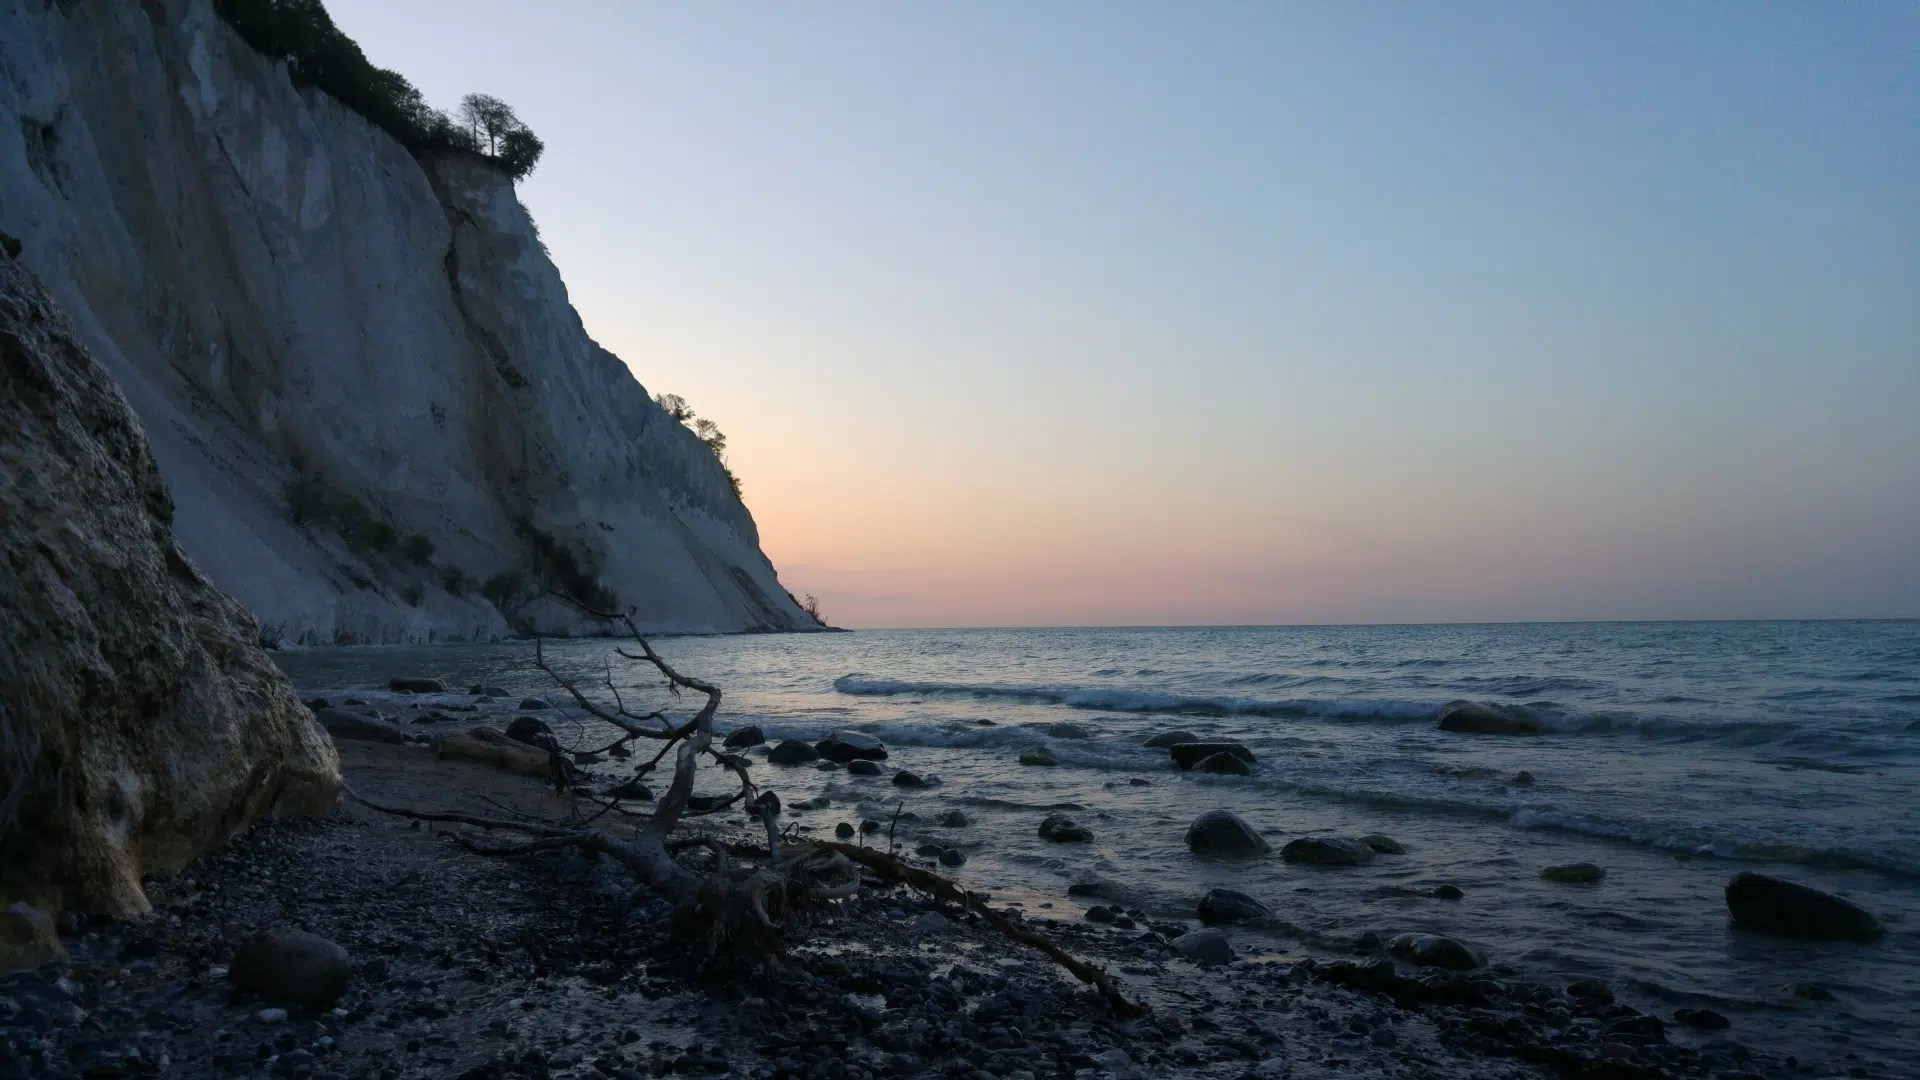 Sonnenuntergang an Moens Klint - der Weg hat sich gelohnt.